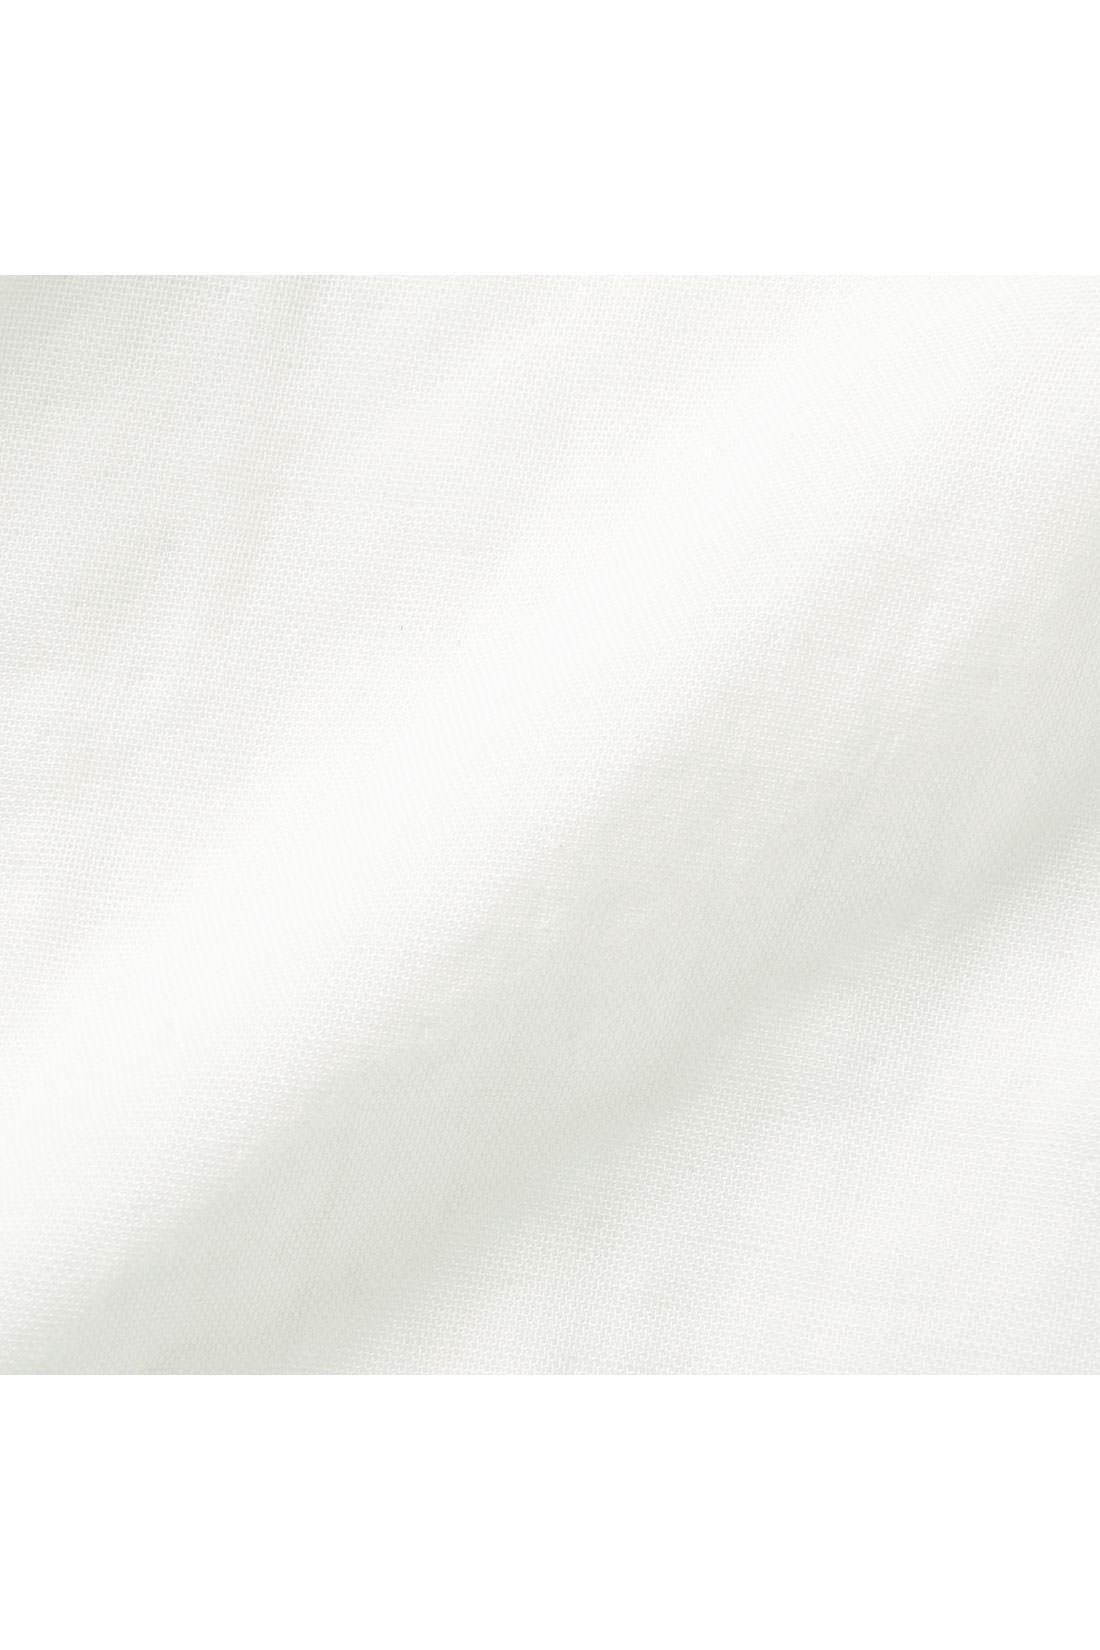 洗うほどにやわらかさが増す、綿100%のダブルガーゼ素材。